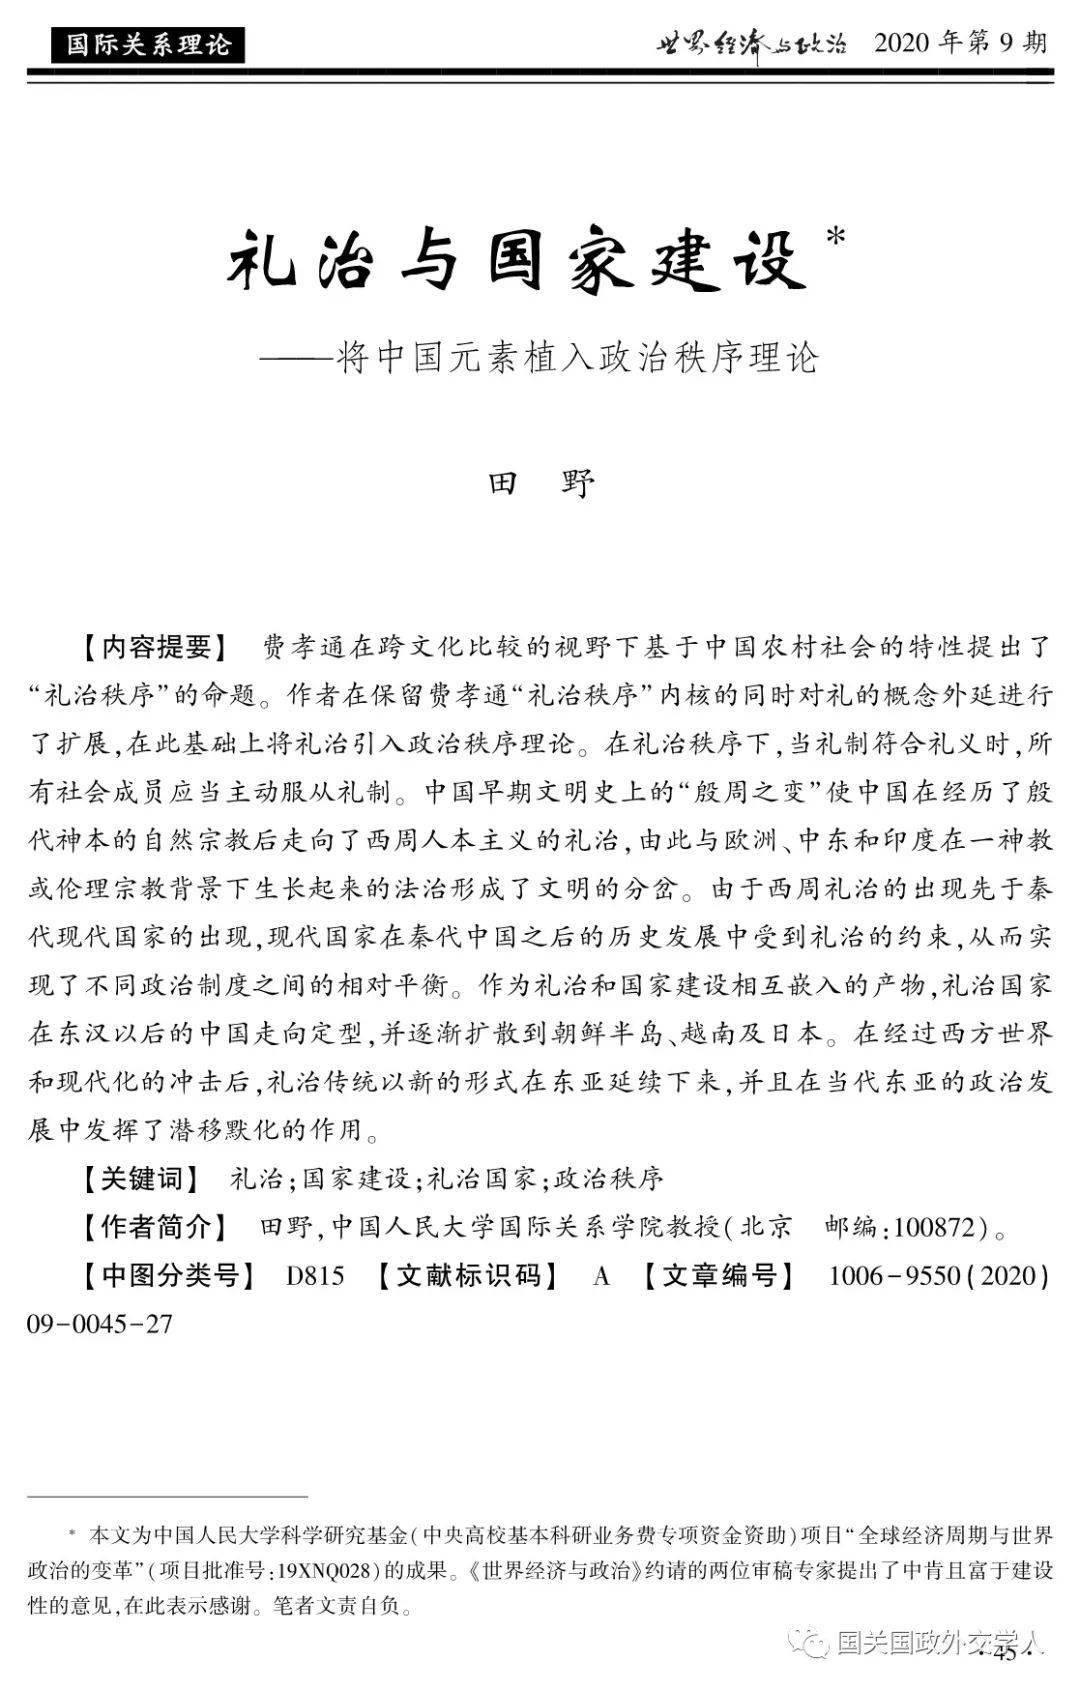 【国际政治】田野:礼治与国家建设-将中国元素植入政治秩序理论